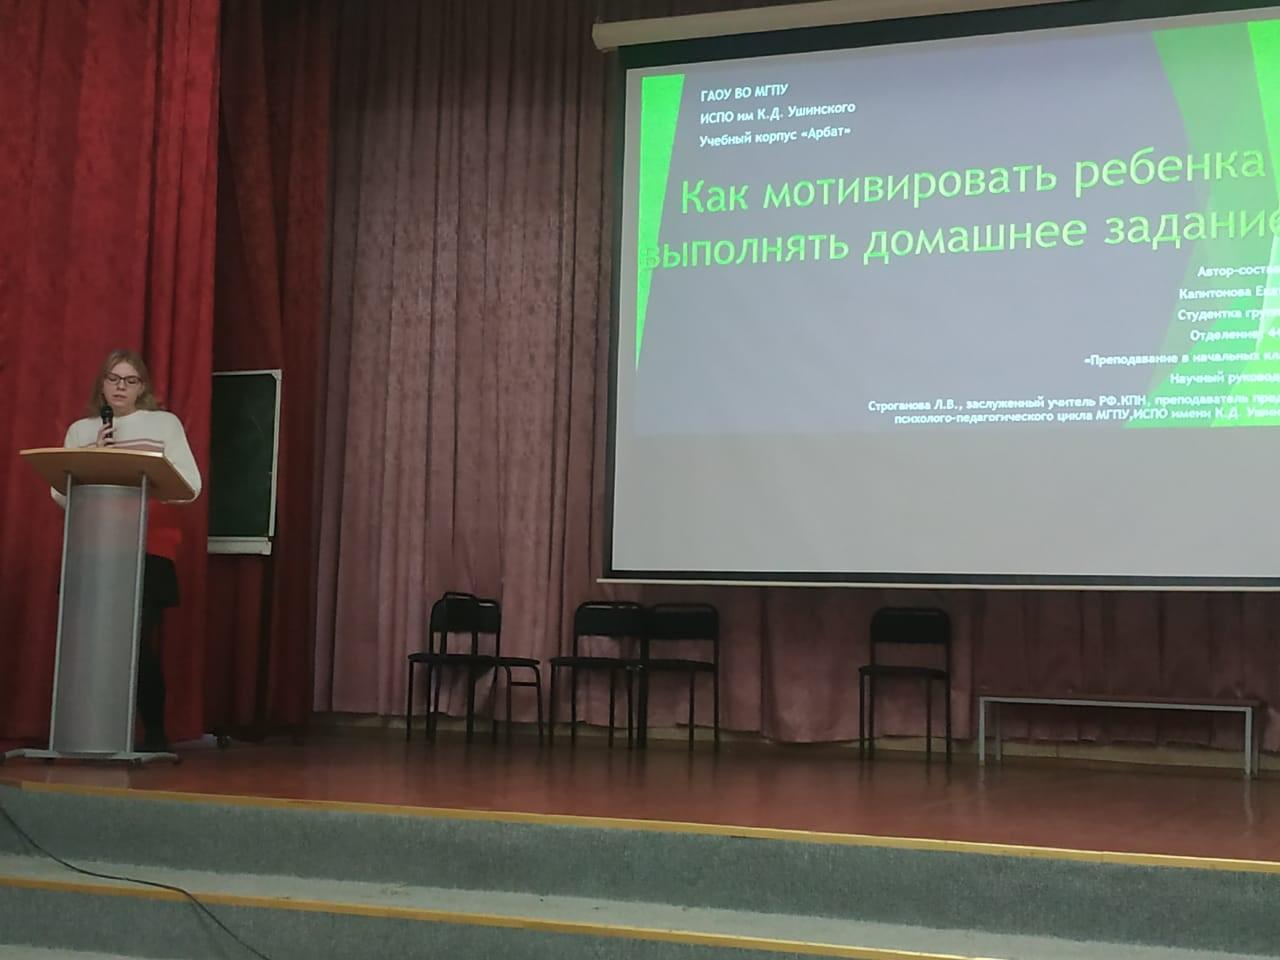 студ2 - Svetlana Kharlamova